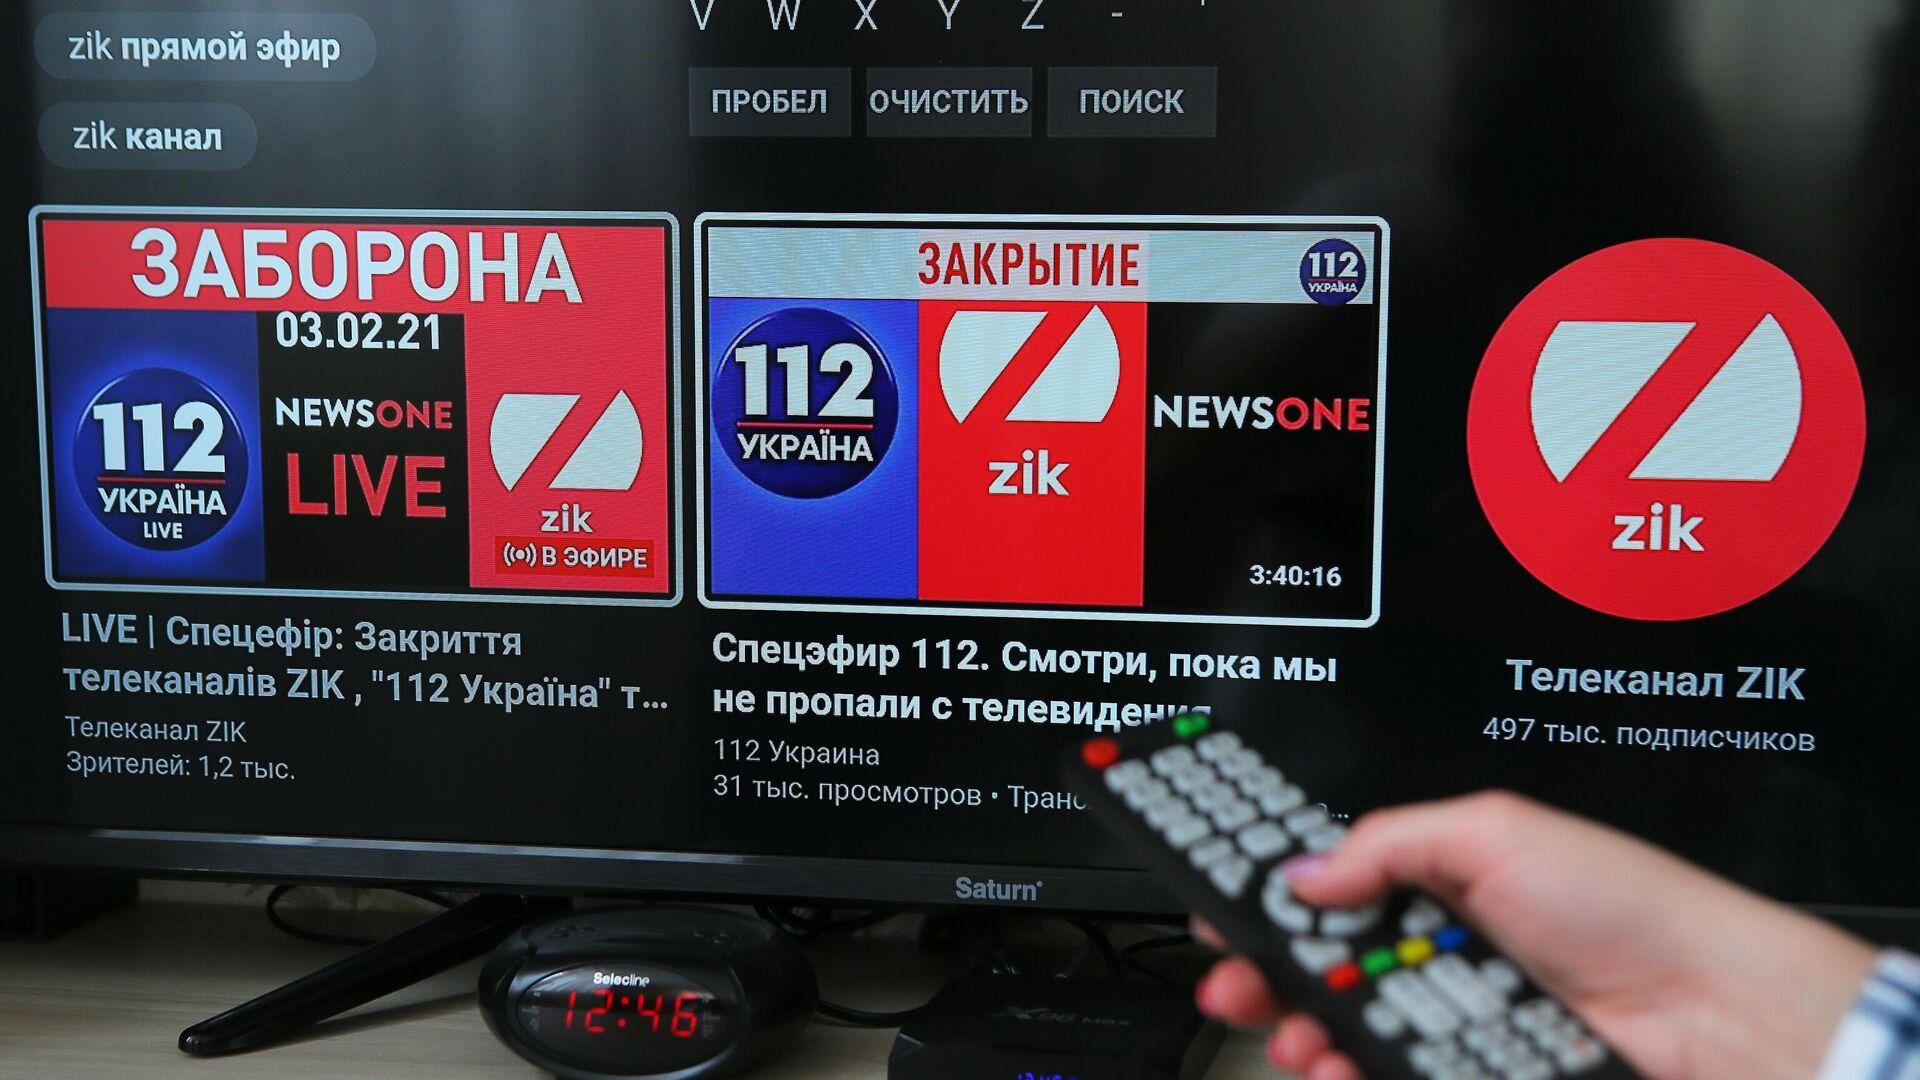 Экран телевизора с интернет-трансляцией телеканалов 112.Украина и ZIK  на платформе видеохостинга YouTube - РИА Новости, 1920, 05.03.2021